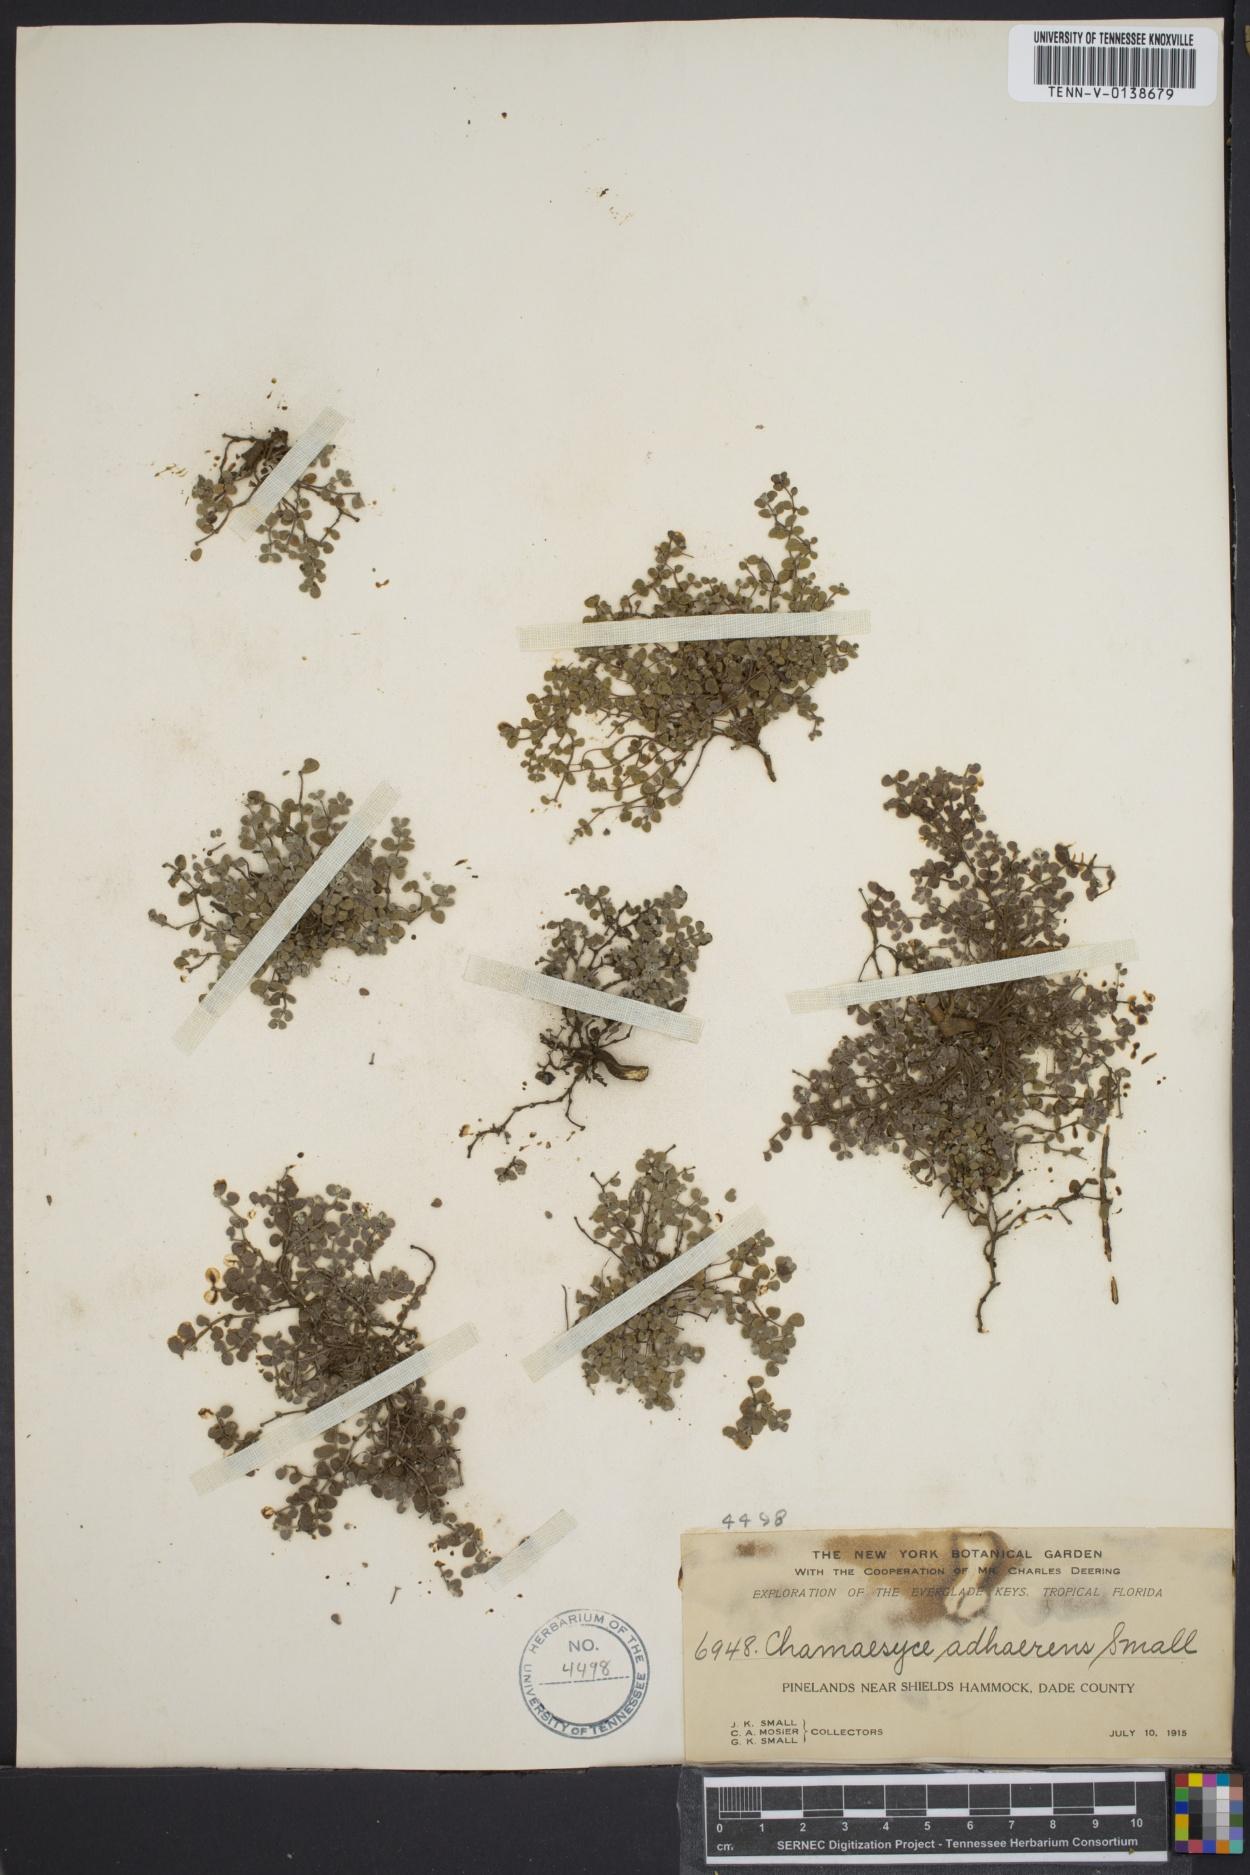 Euphorbia deltoidea subsp. adhaerens image